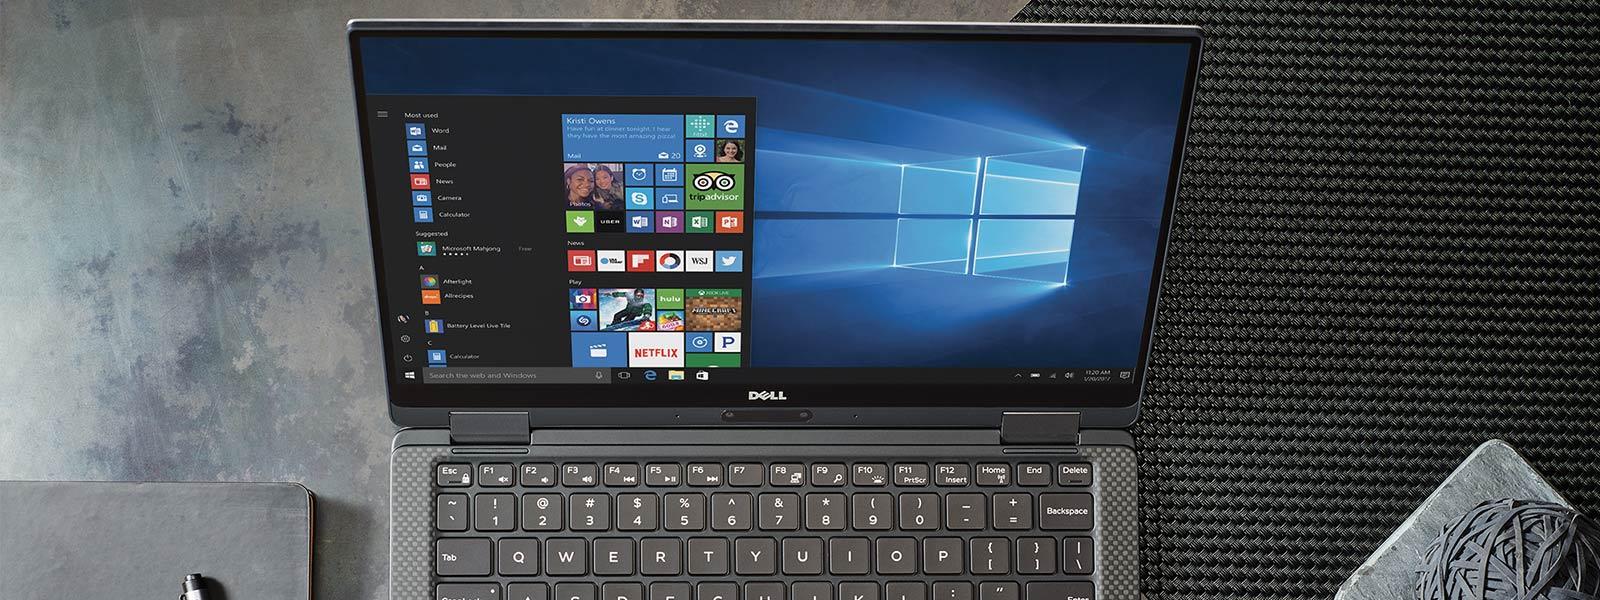 显示 Windows 10 开始屏幕的设备